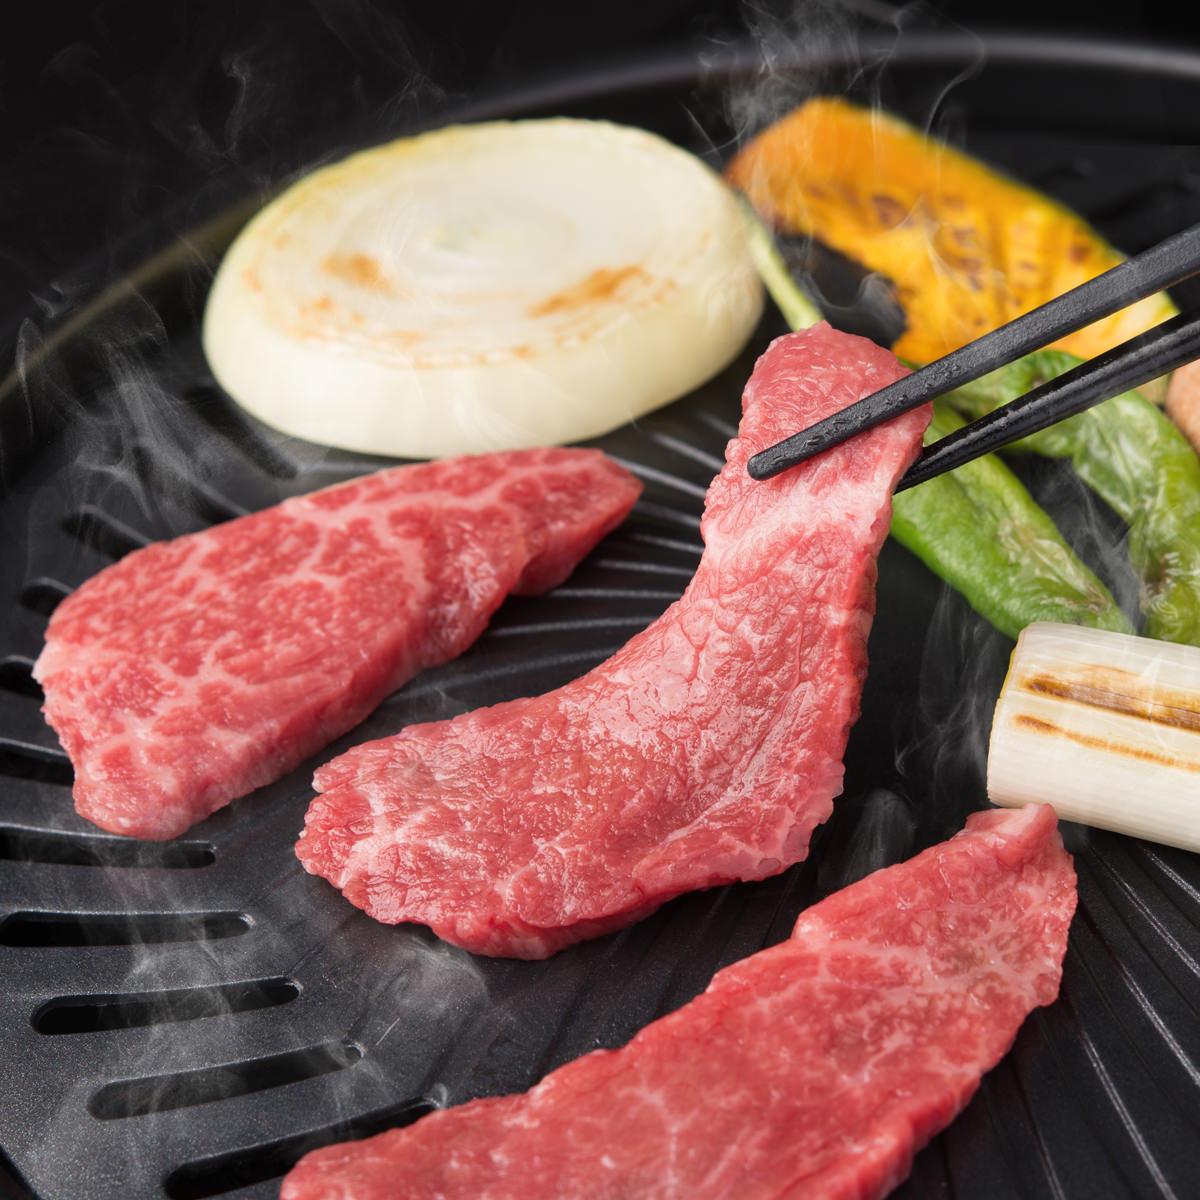 知多牛お試し焼肉セット 2〜3人前〔カルビ、肩ロース 各200g〕愛知県 タケシタミート